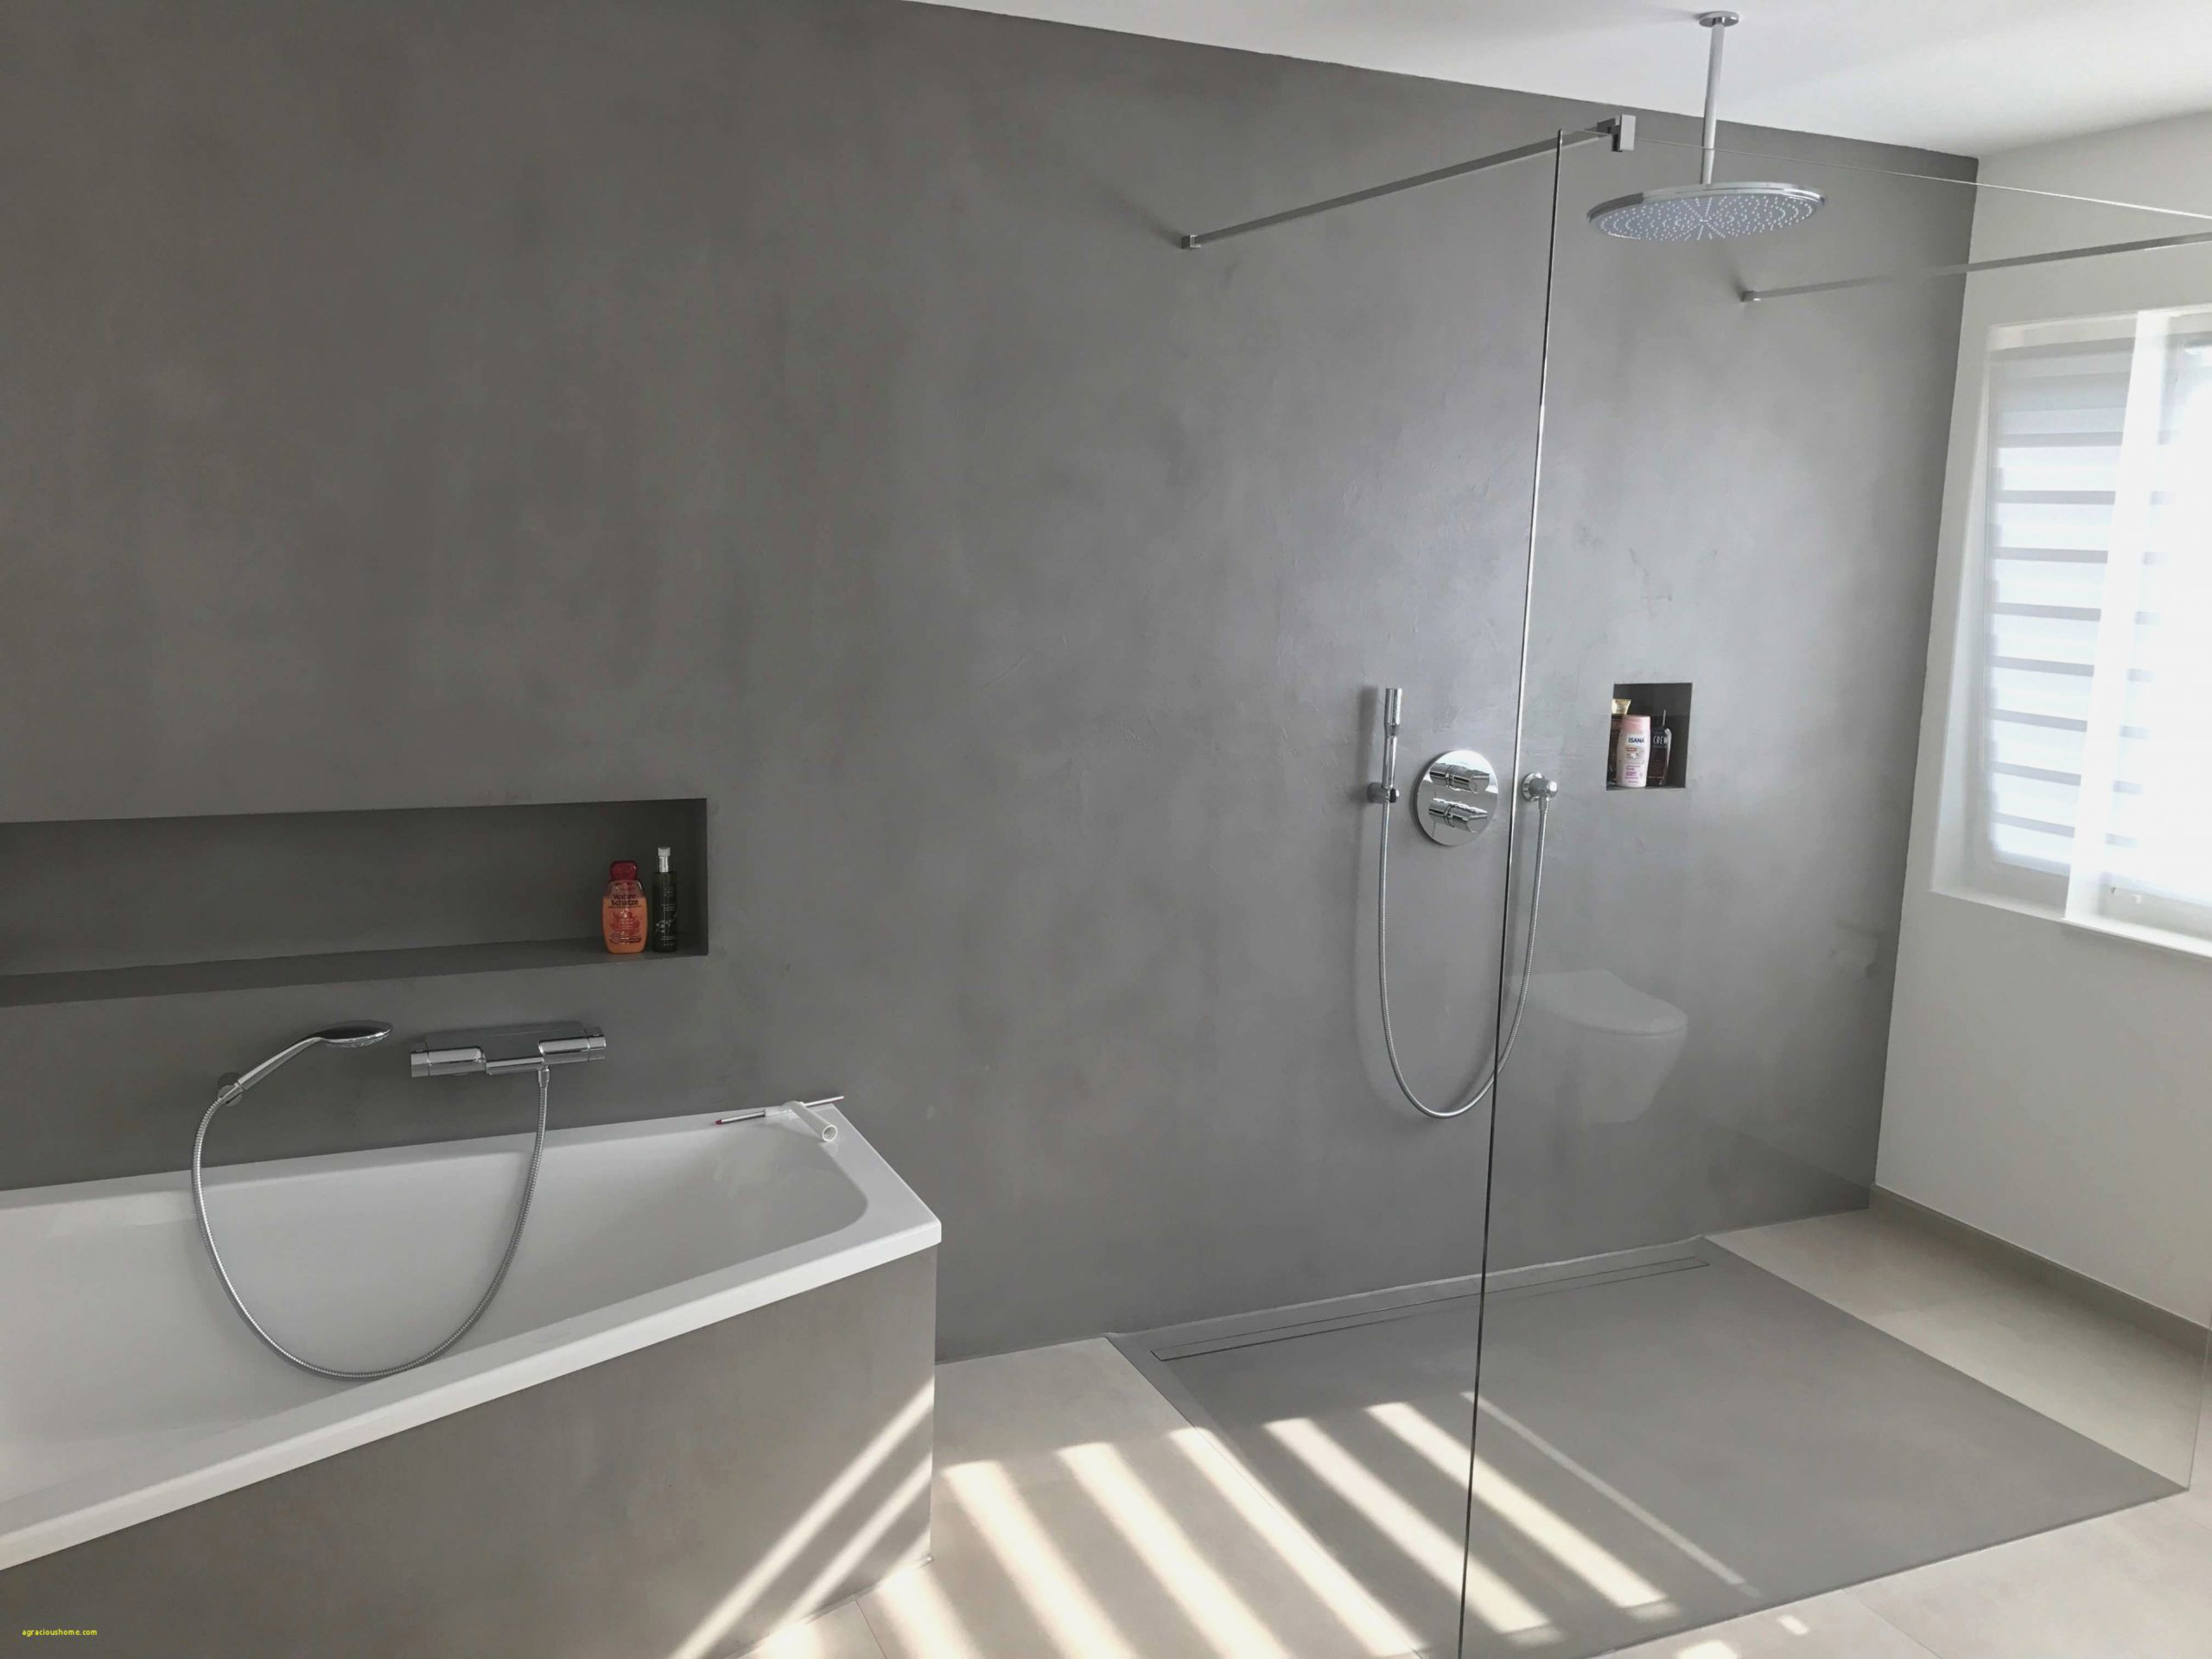 Full Size of Bodengleiche Dusche Abfluss Fliesen Glastür Einbauen Ebenerdig Glasabtrennung Badewanne Mit Für Siphon Komplett Set Ebenerdige Anal Hüppe Duschen Bidet Dusche Bodengleiche Dusche